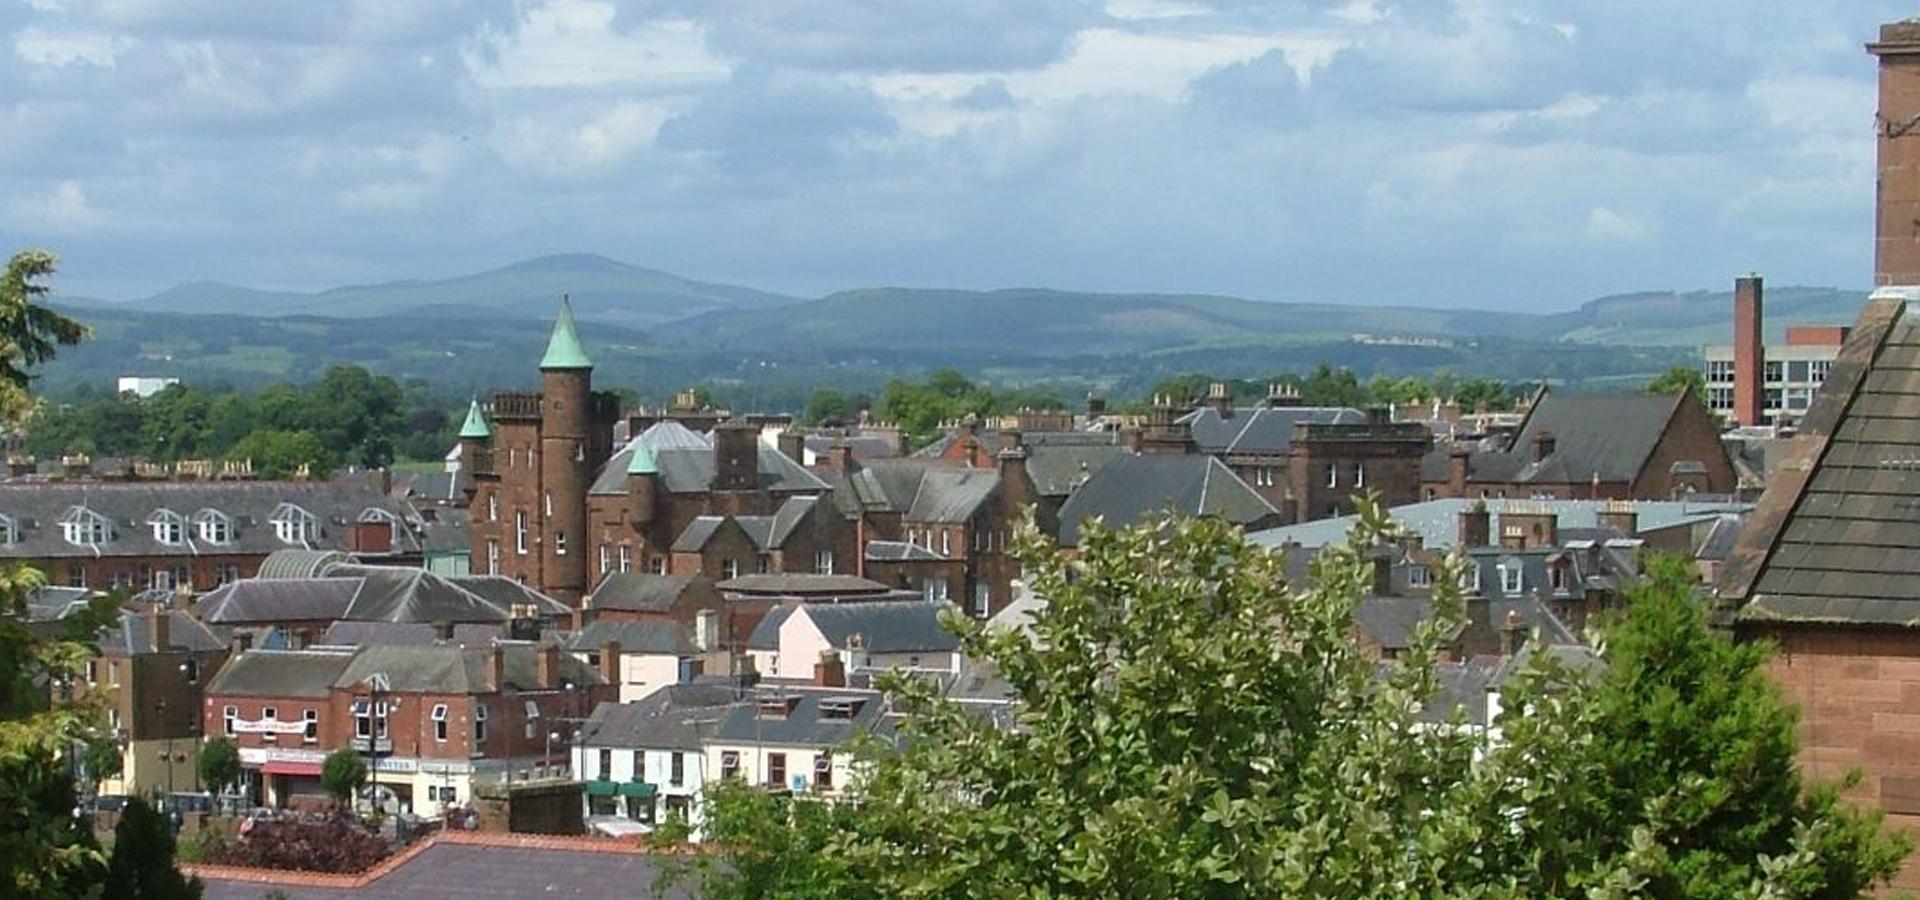 Peer-to-peer advisory in Dumfries, Scotland, Great Britain